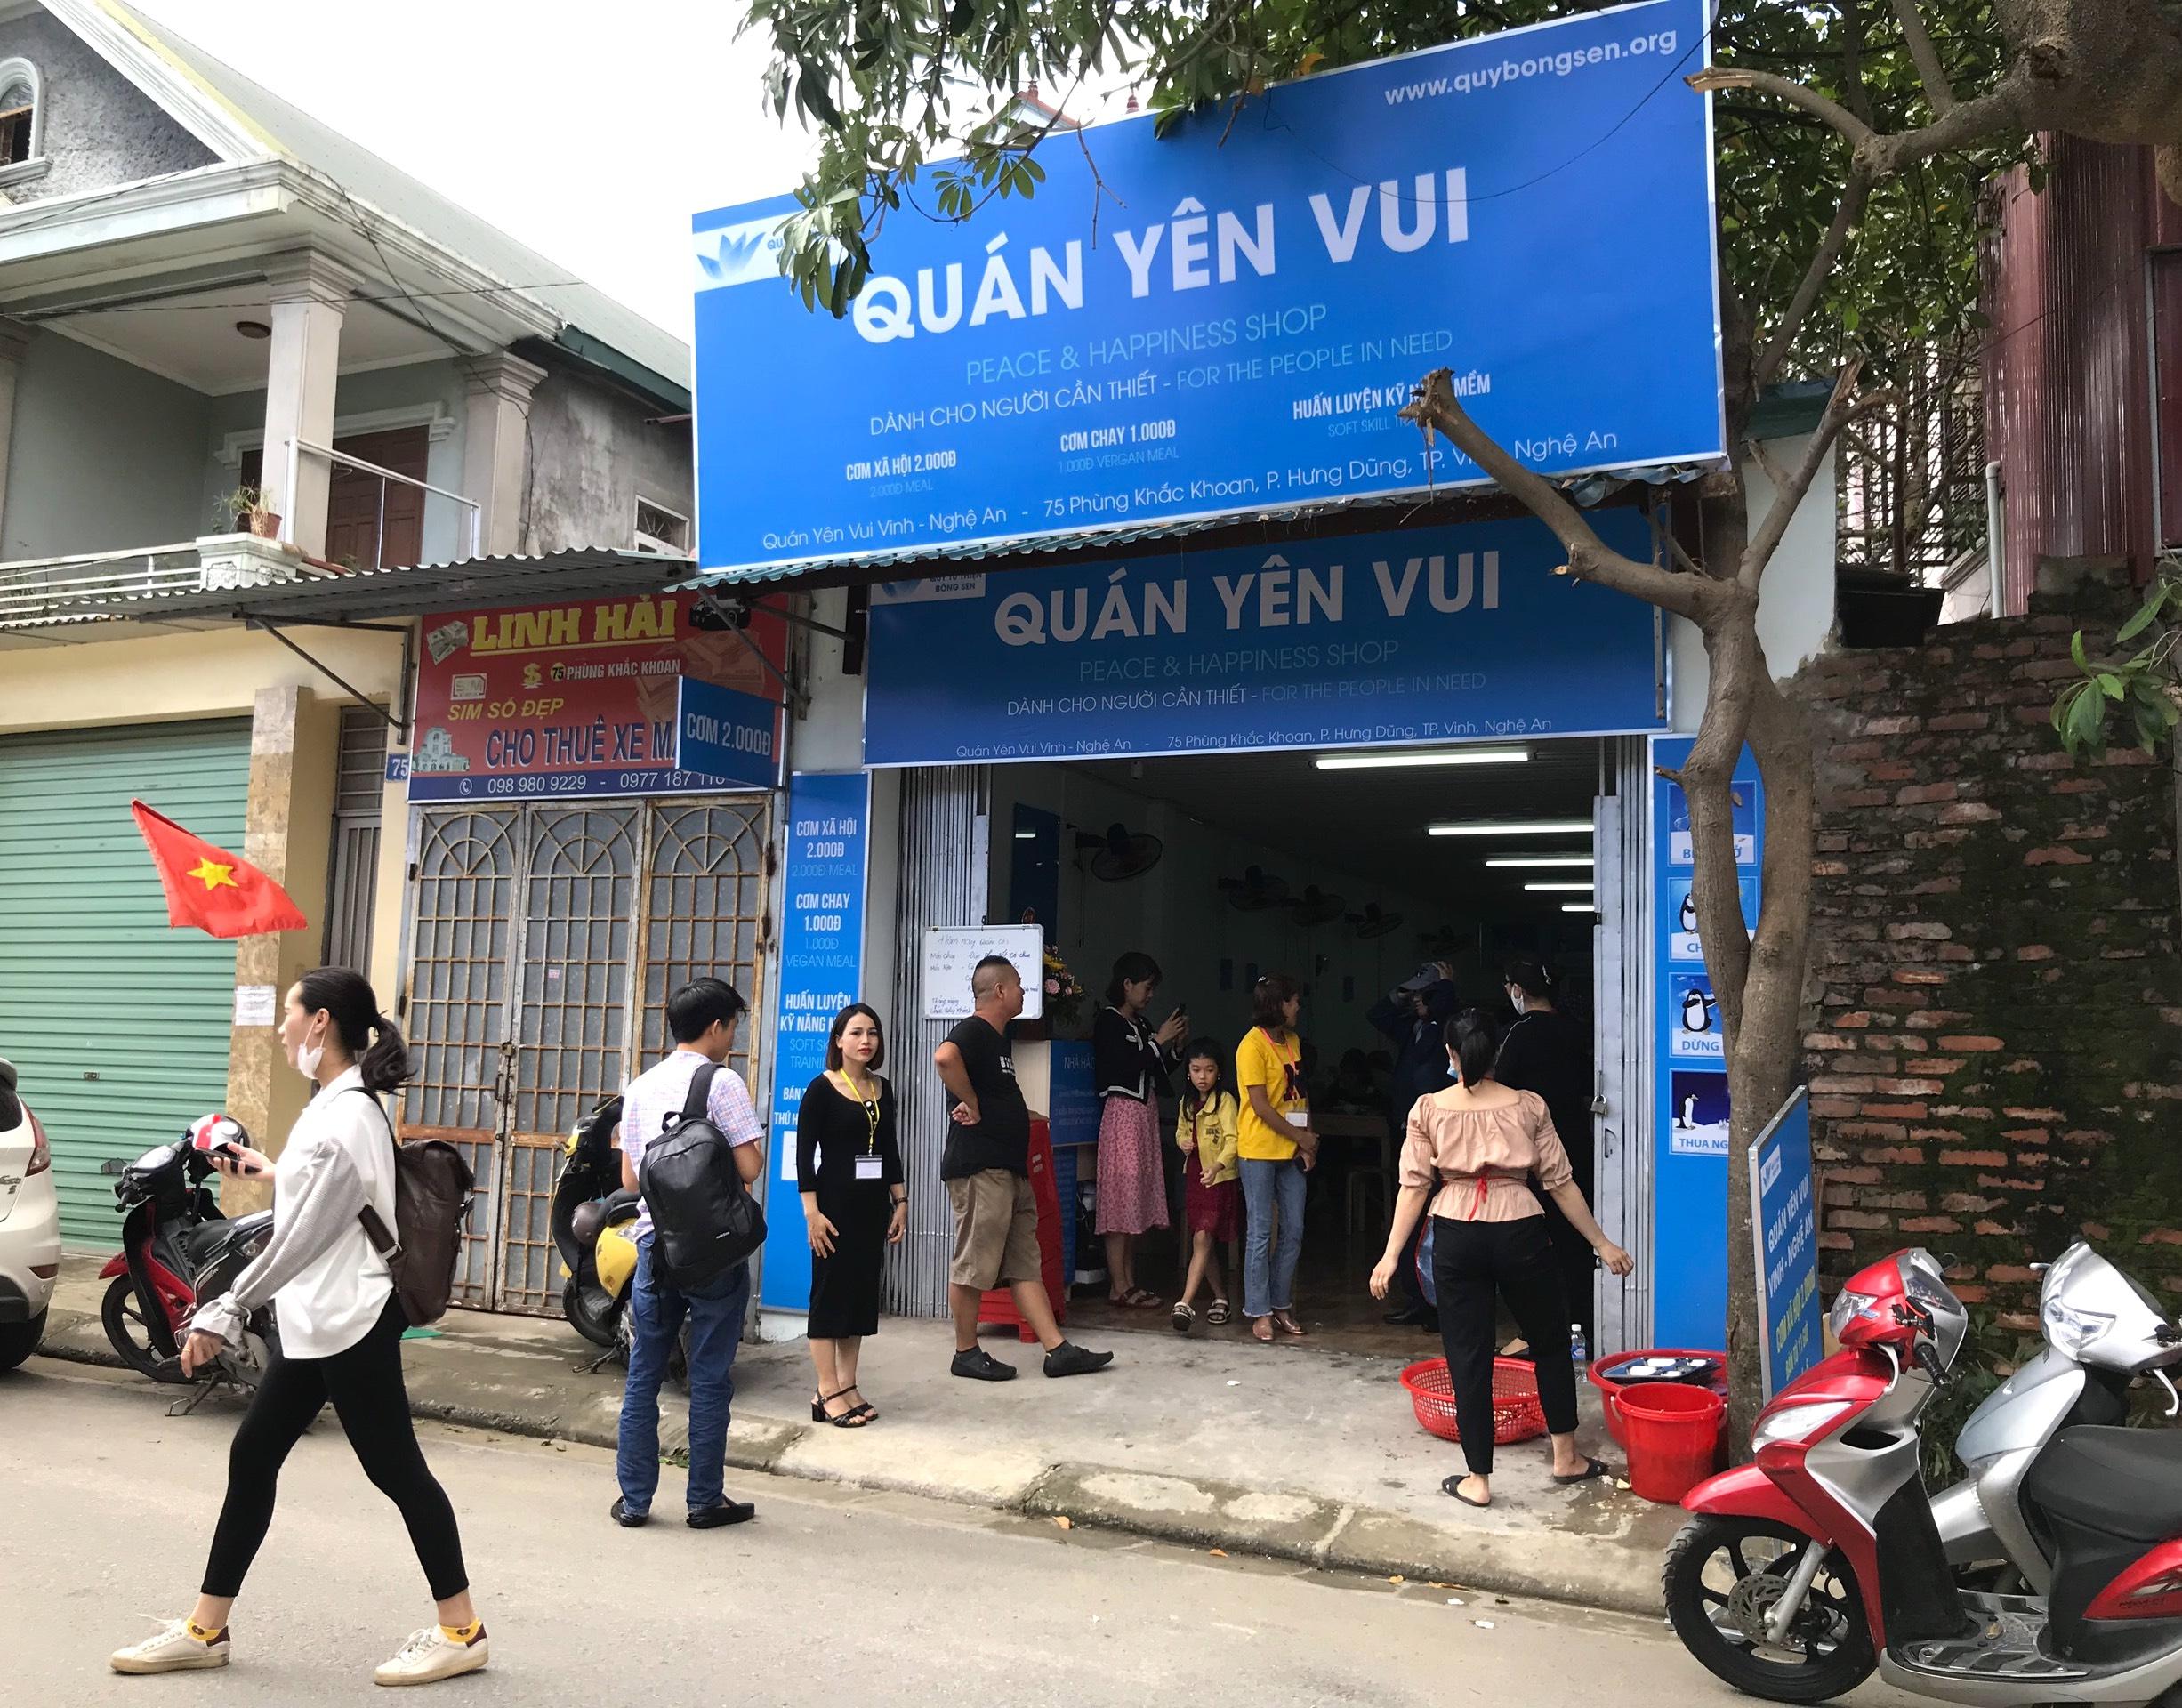 Quán cơm 2000 đồng đầu tiên ở Nghệ An: Ai không có tiền vẫn mời họ vào ăn - Ảnh 19.